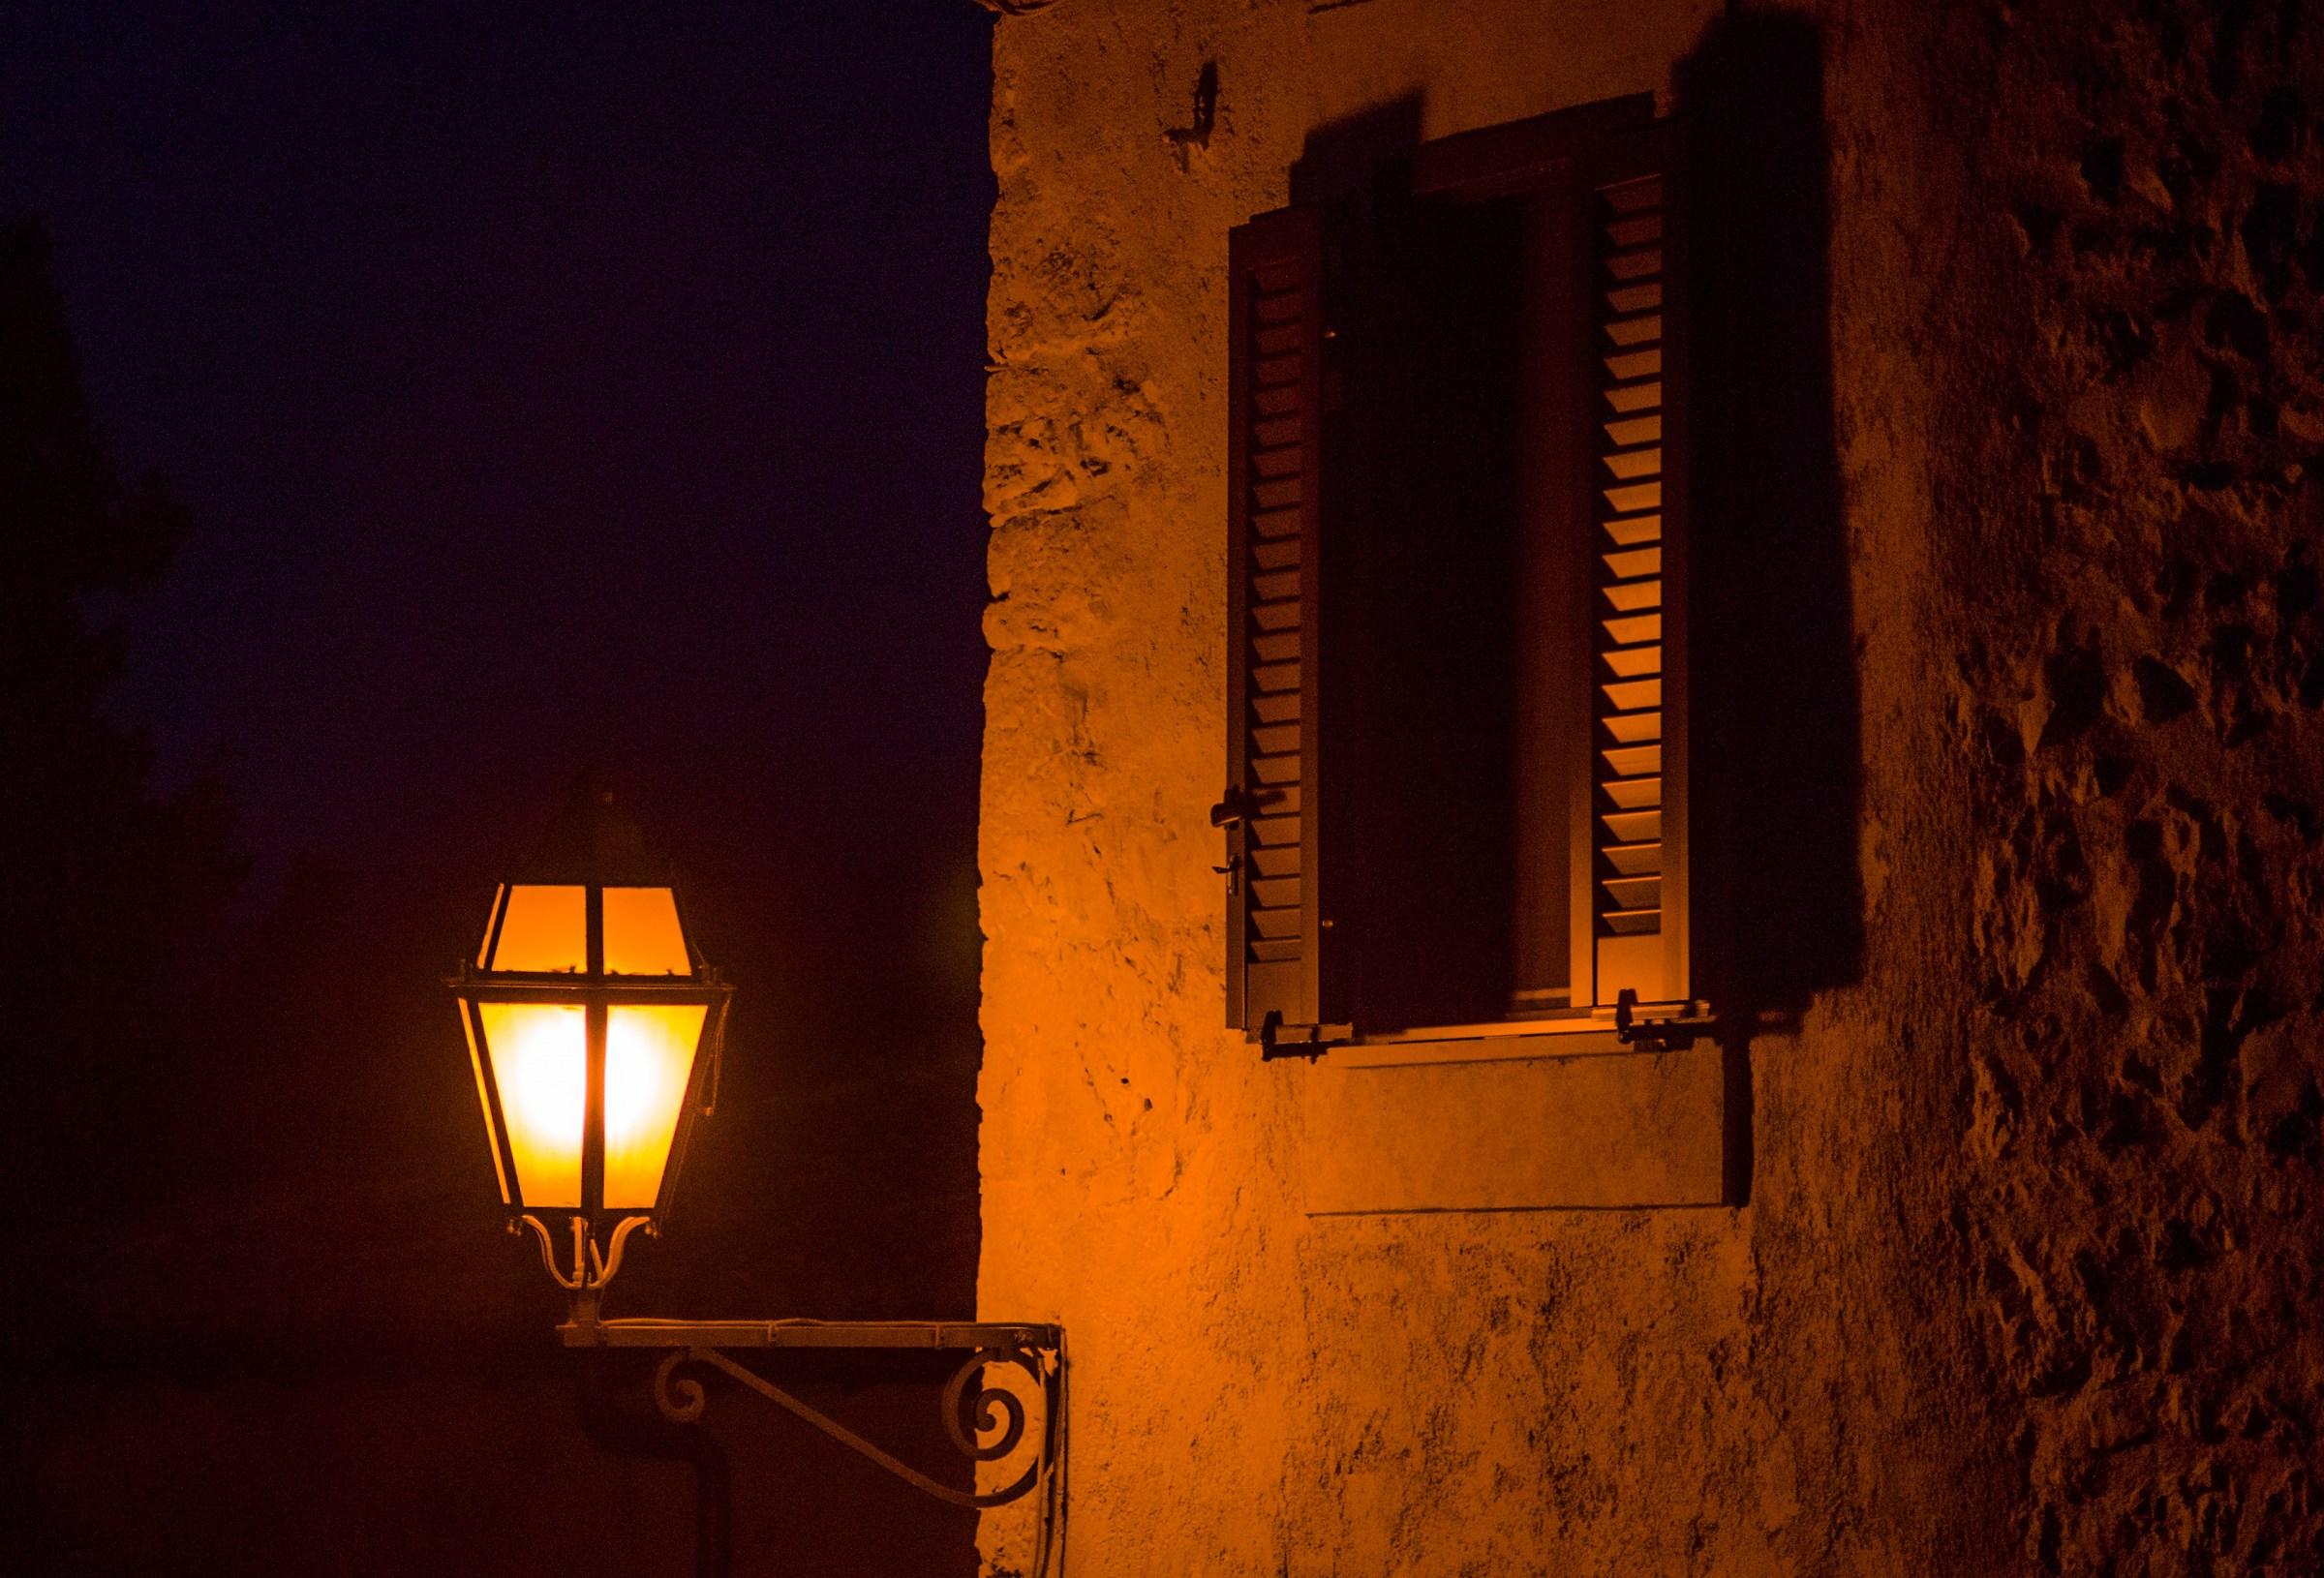 Affacciati alla finestra bella mia juzaphoto - Jovanotti affacciati alla finestra ...